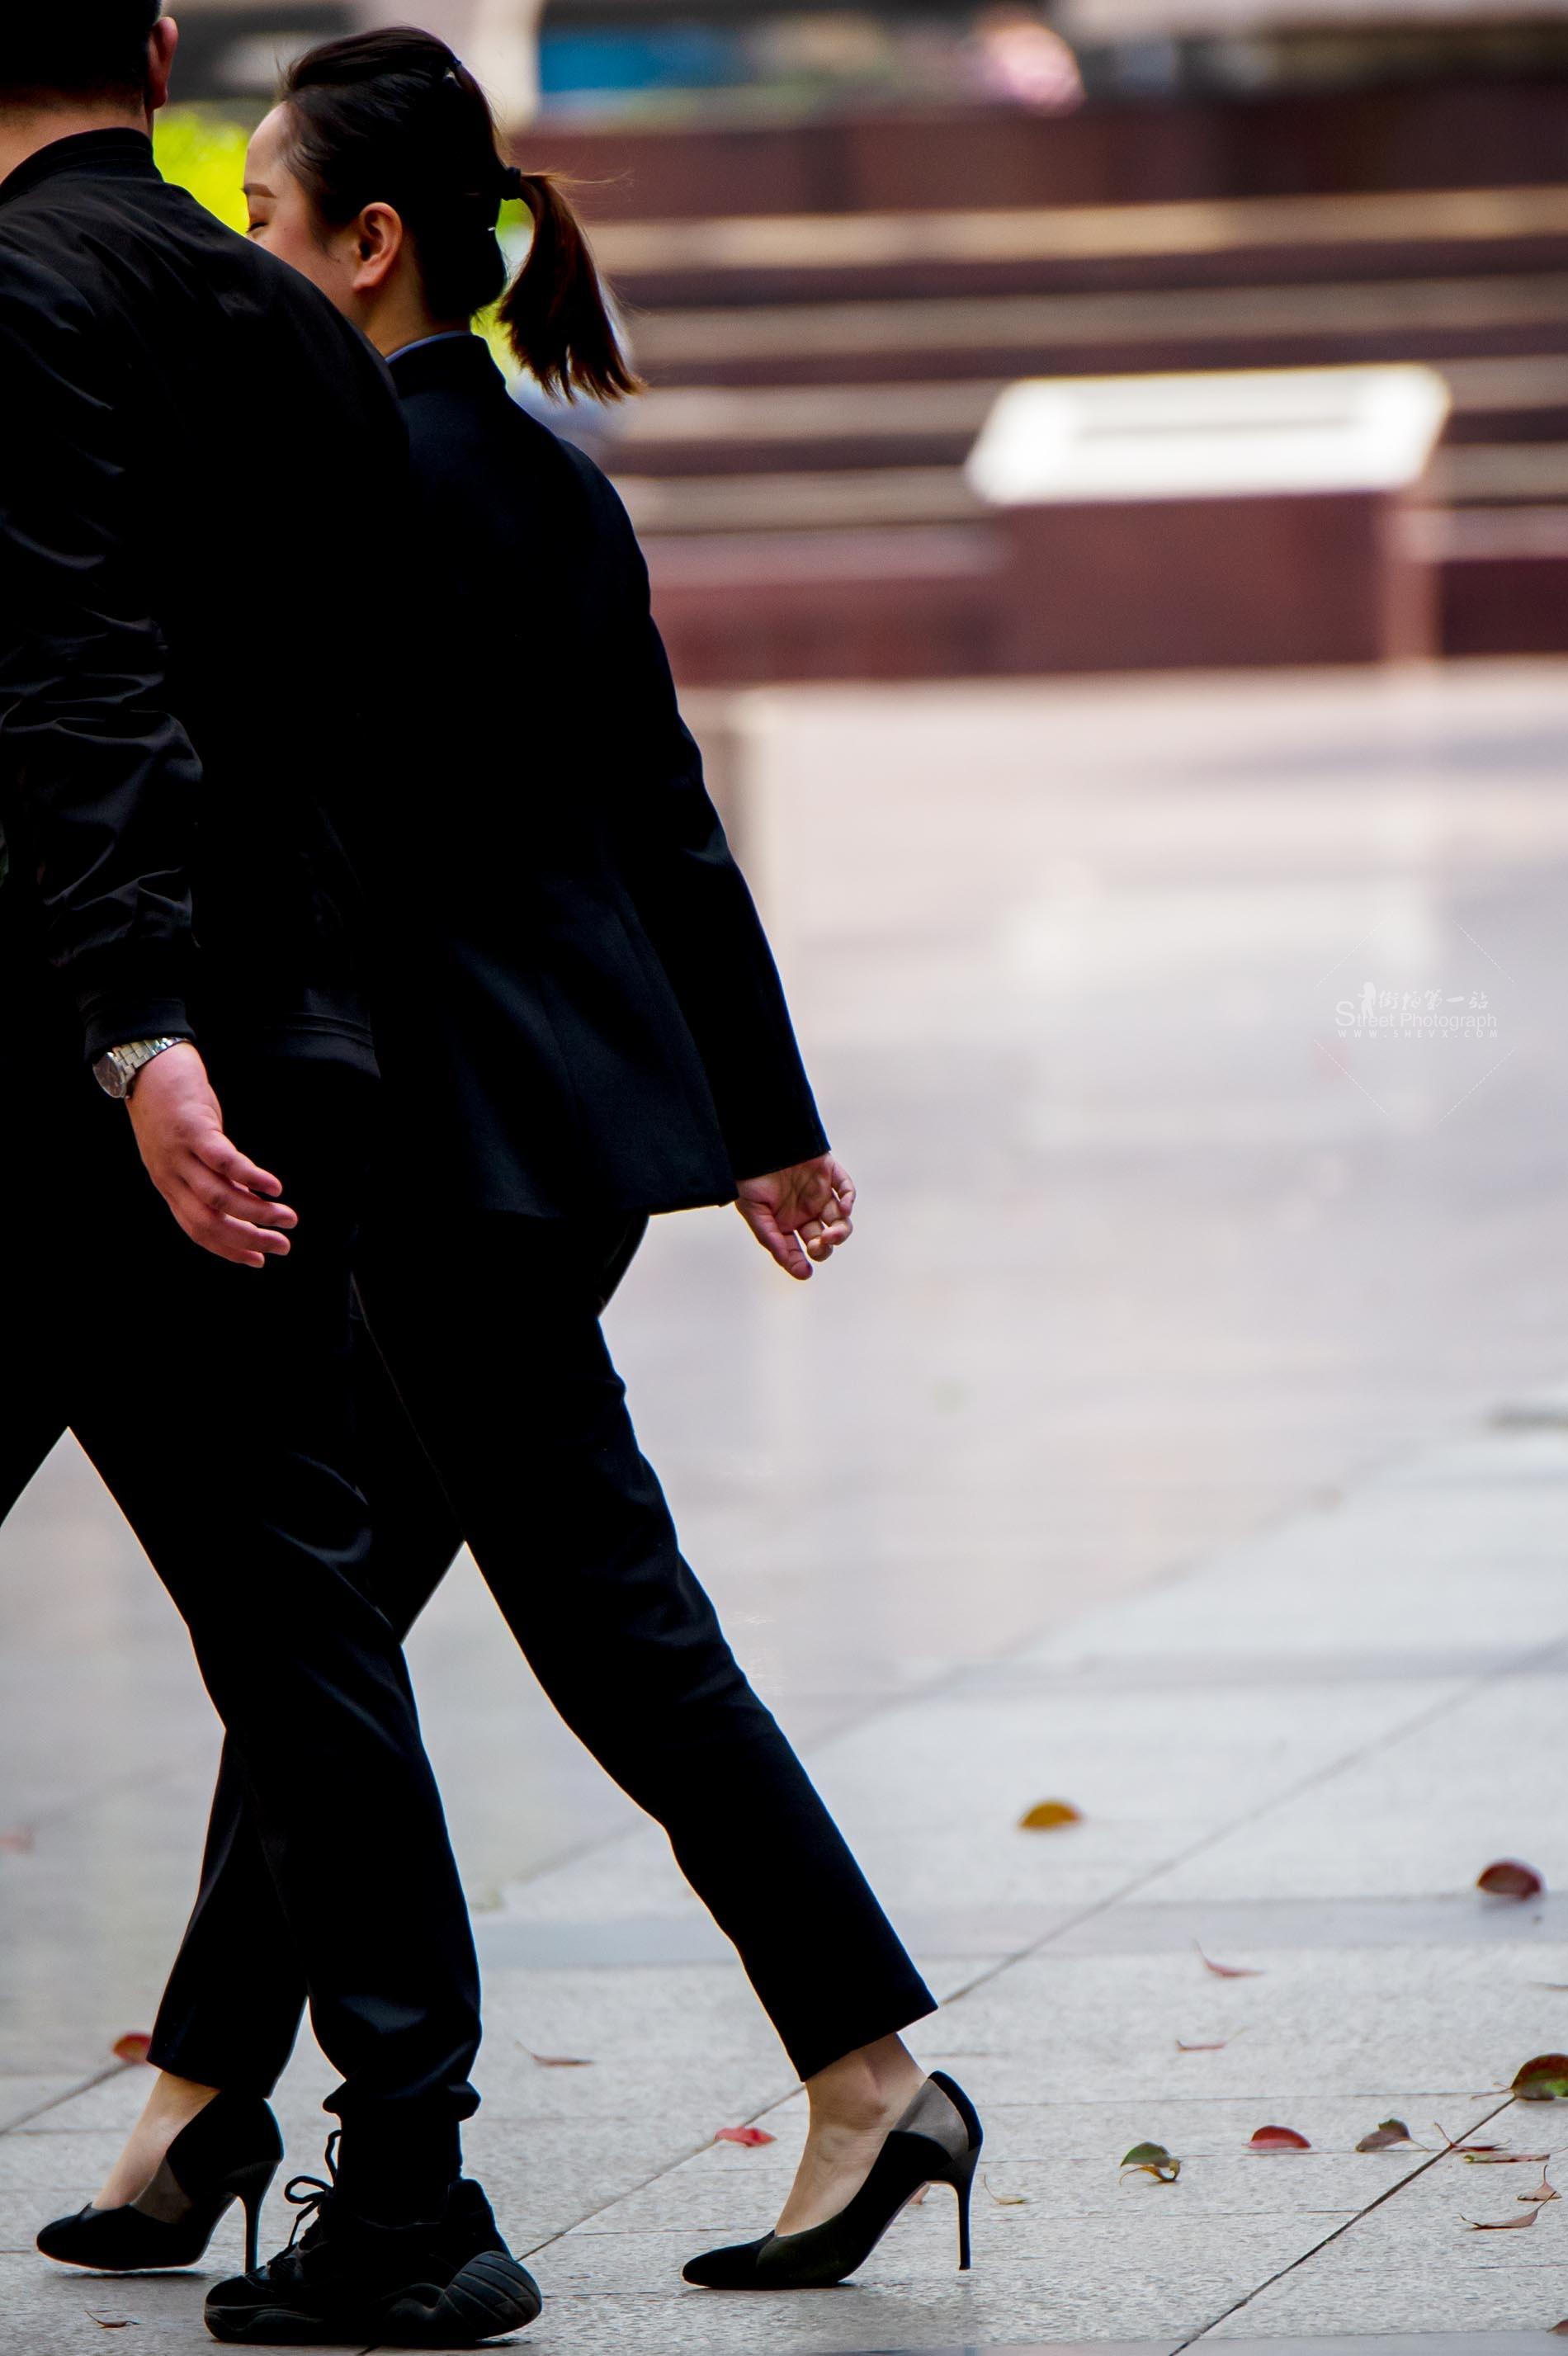 街拍OL,街拍制服,街拍细高跟,街拍高跟 【原创】 OL制服拼色细高跟【12P】 最新街拍丝袜图片 街拍丝袜第一站